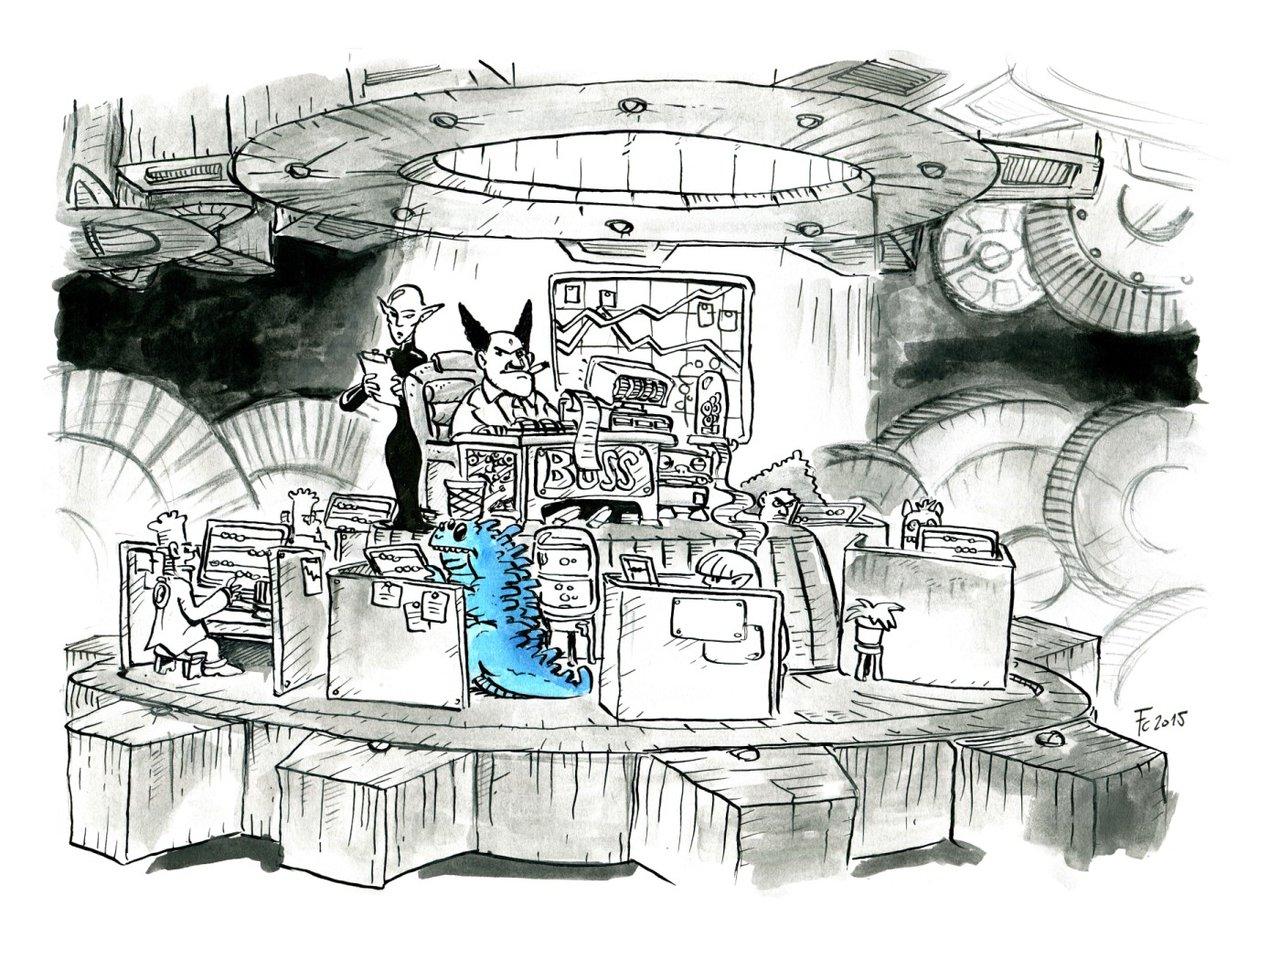 """clone-artist demarax """"The Little Petitioner IV: The Businessman"""", rivisitazione in versione """"Mechanus"""" dei viaggi del //Piccolo Principe// - by clone-artist (Filip C.) clone-artist.deviantart.com (2015-03) © dell'autore tutti i diritti riservati"""